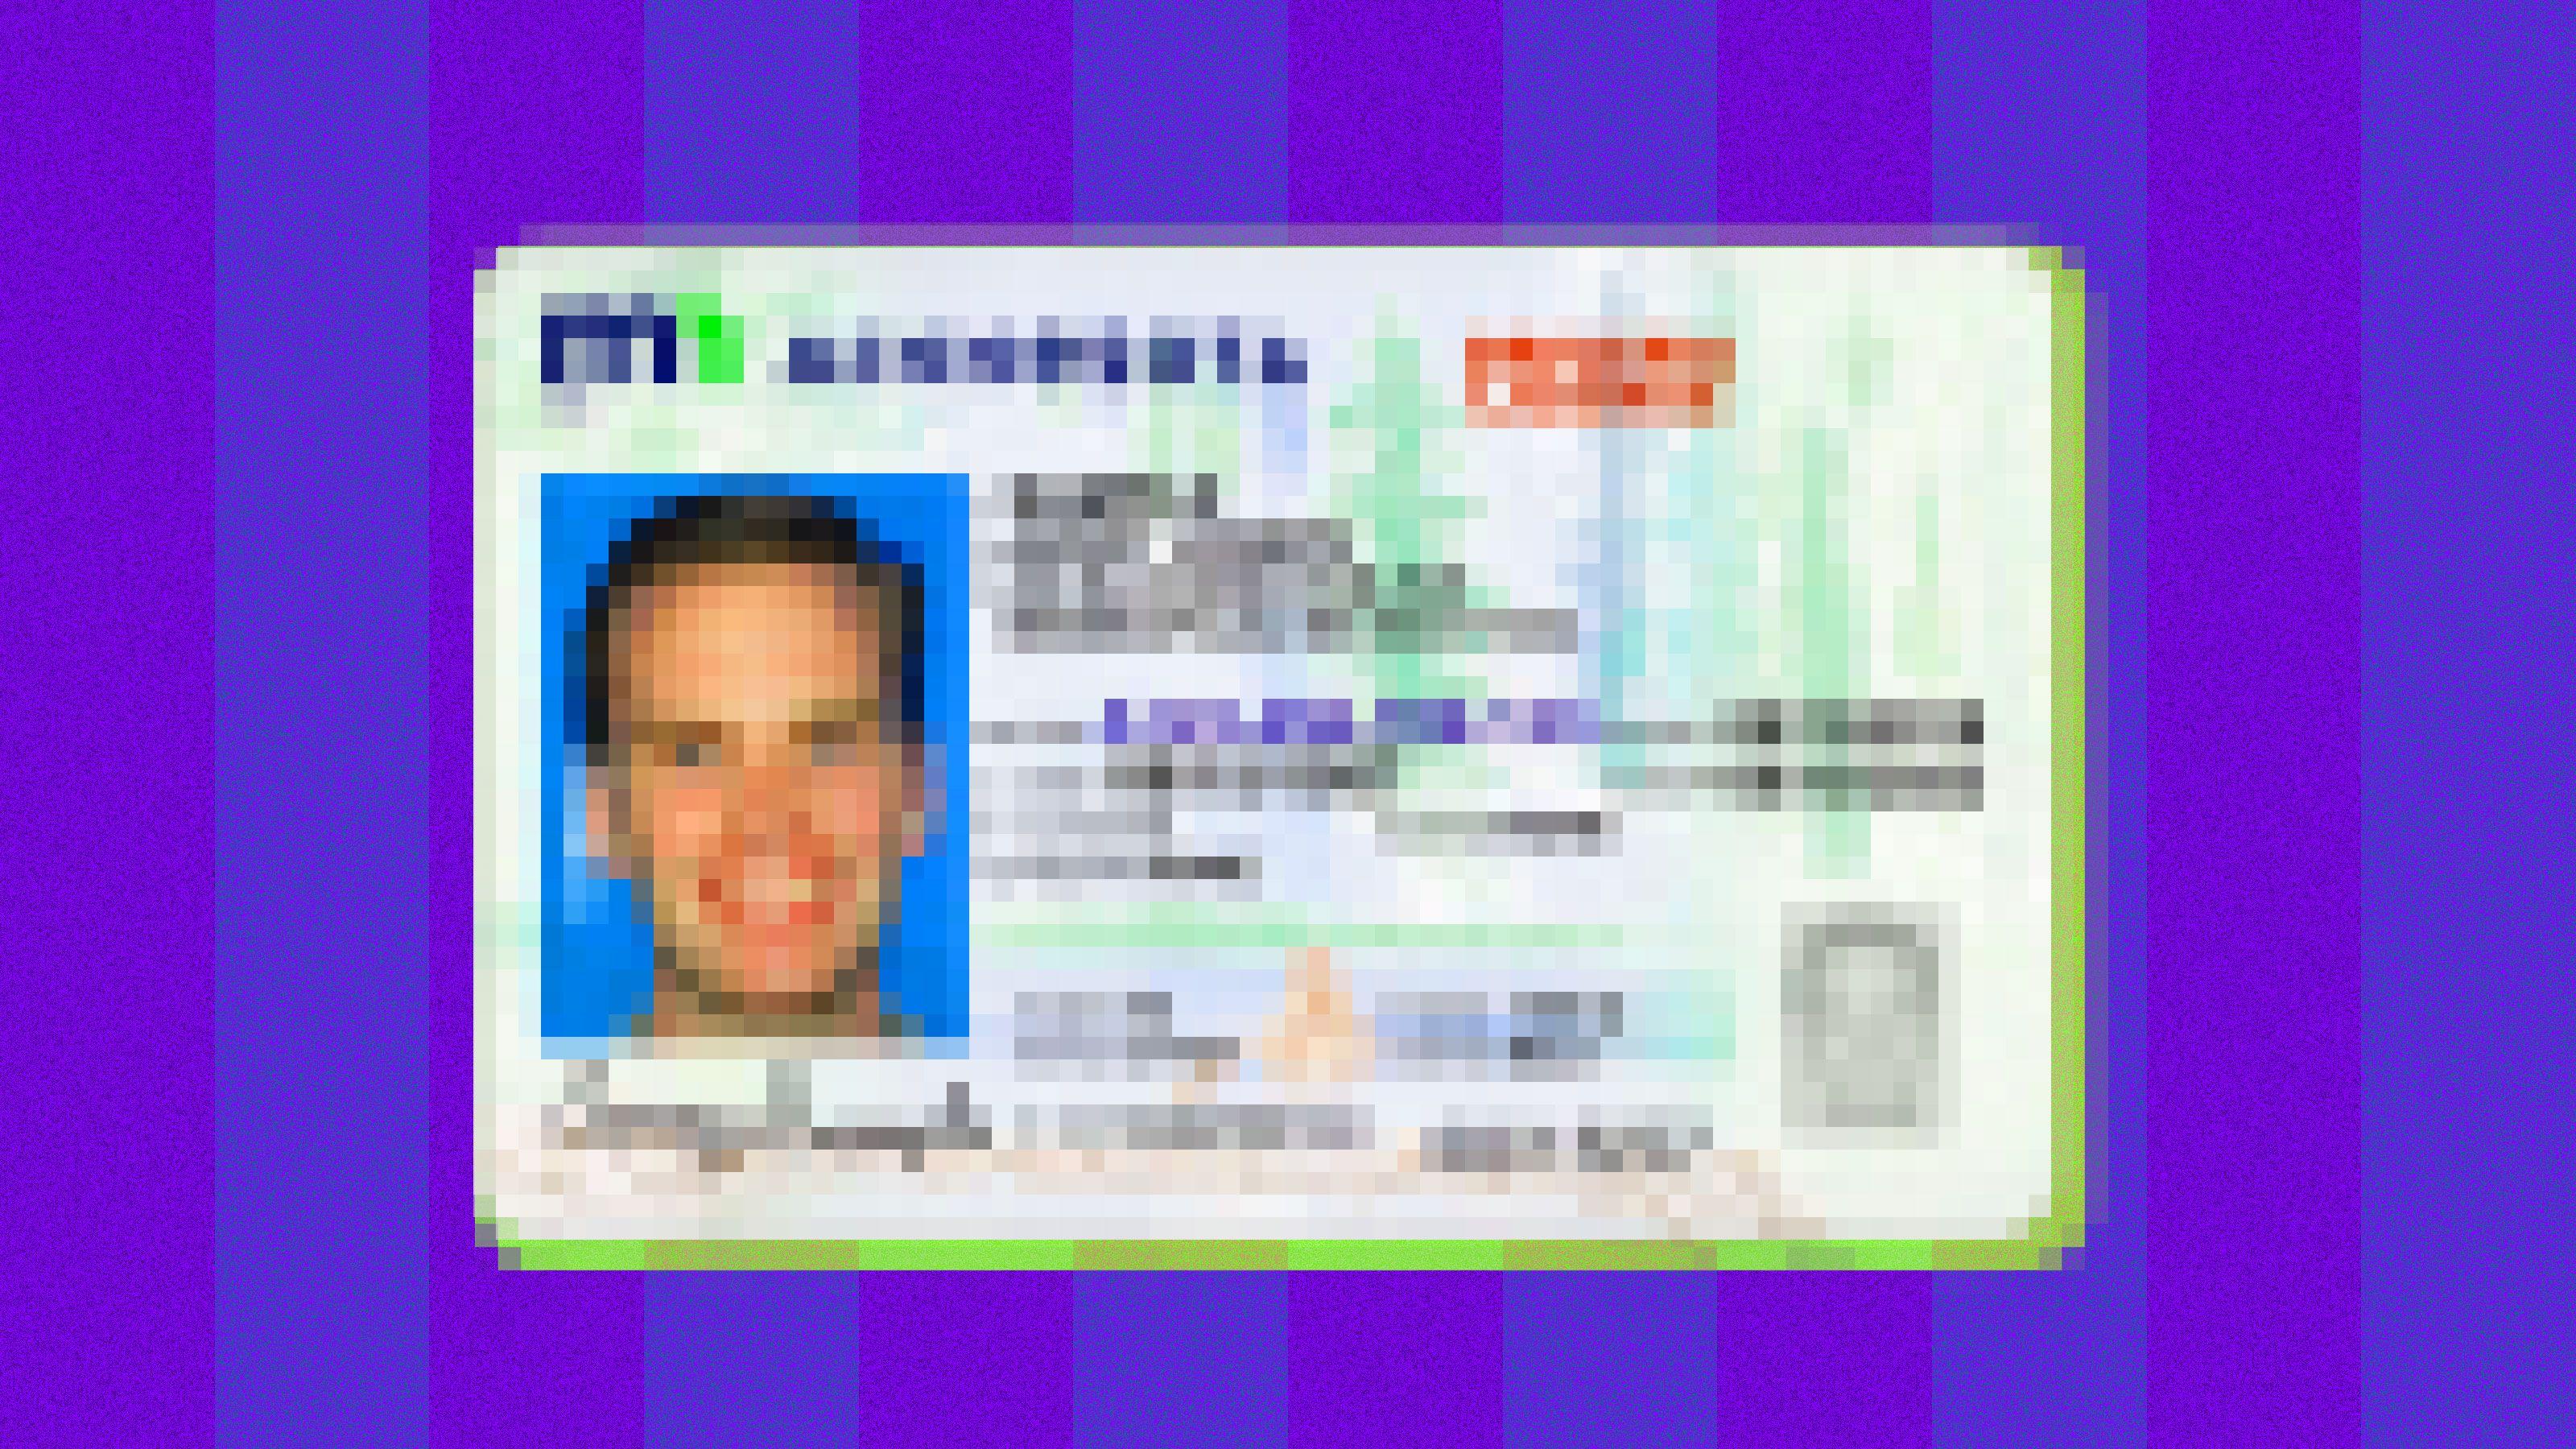 〇〇ペイとは桁違い、 FBがリブラで掲げる 「デジタルID」の巨大構想